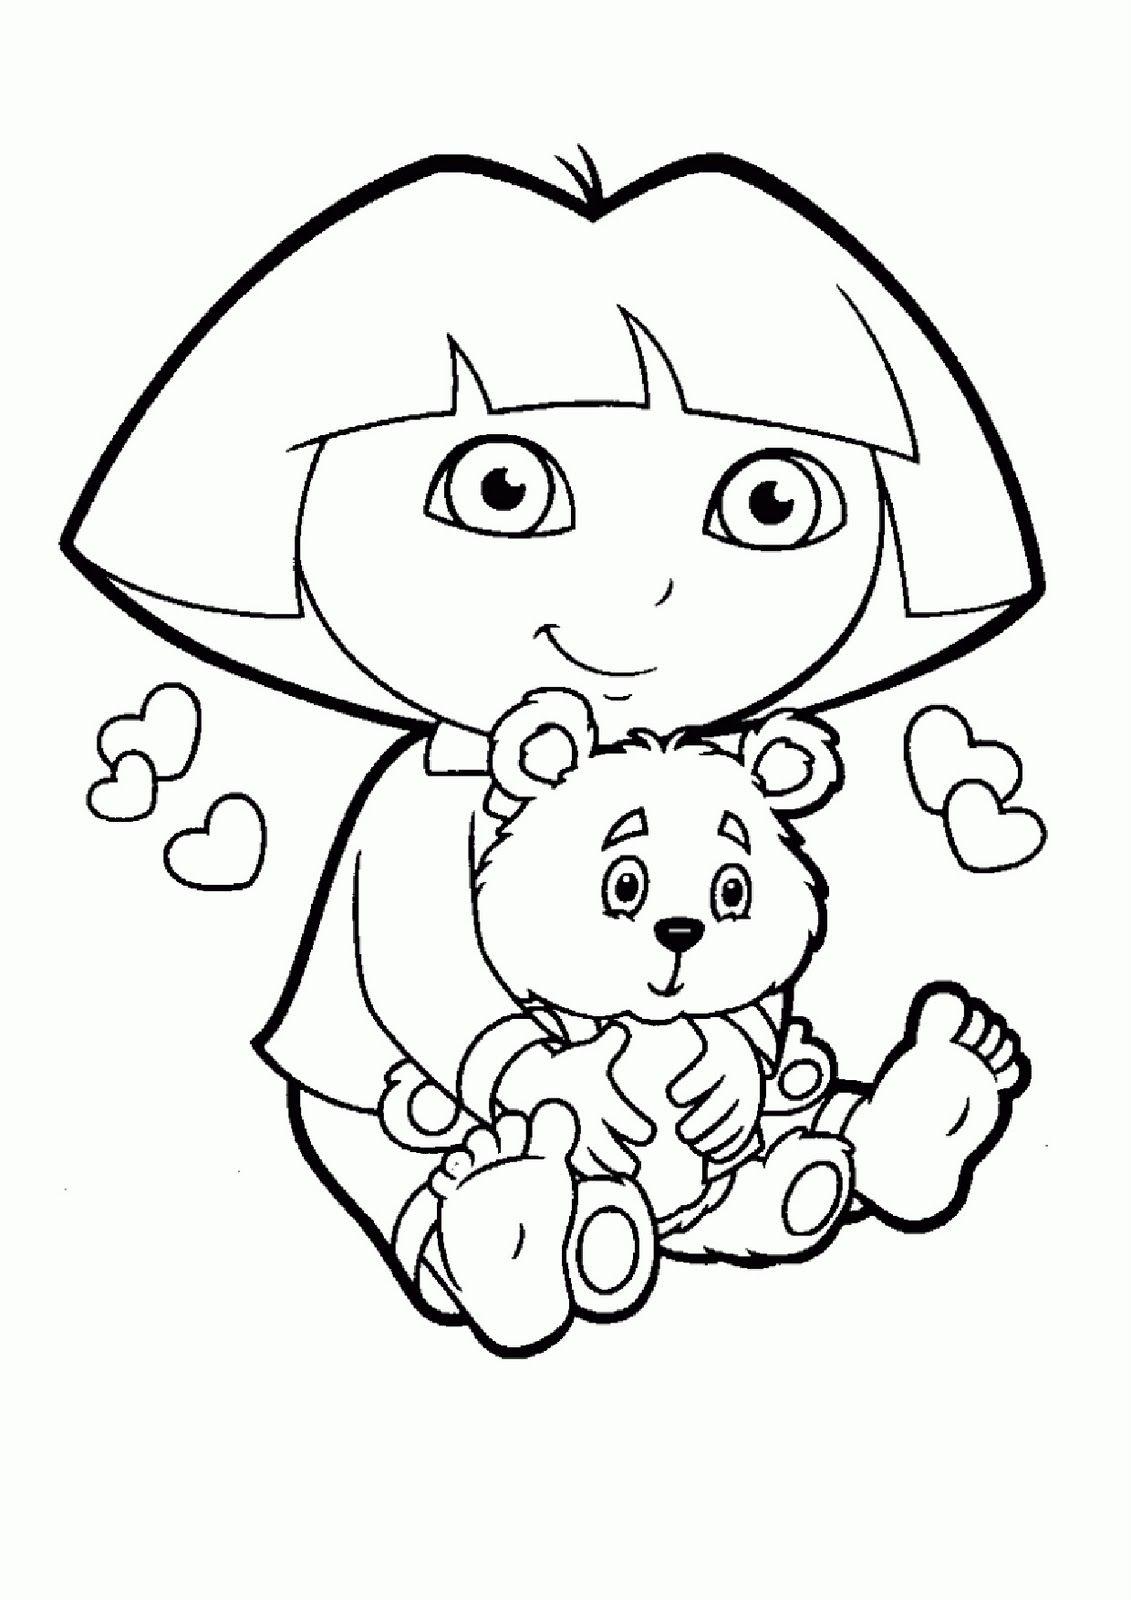 Dora la exploradora y su osito | Dora la exploradora | Pinterest ...